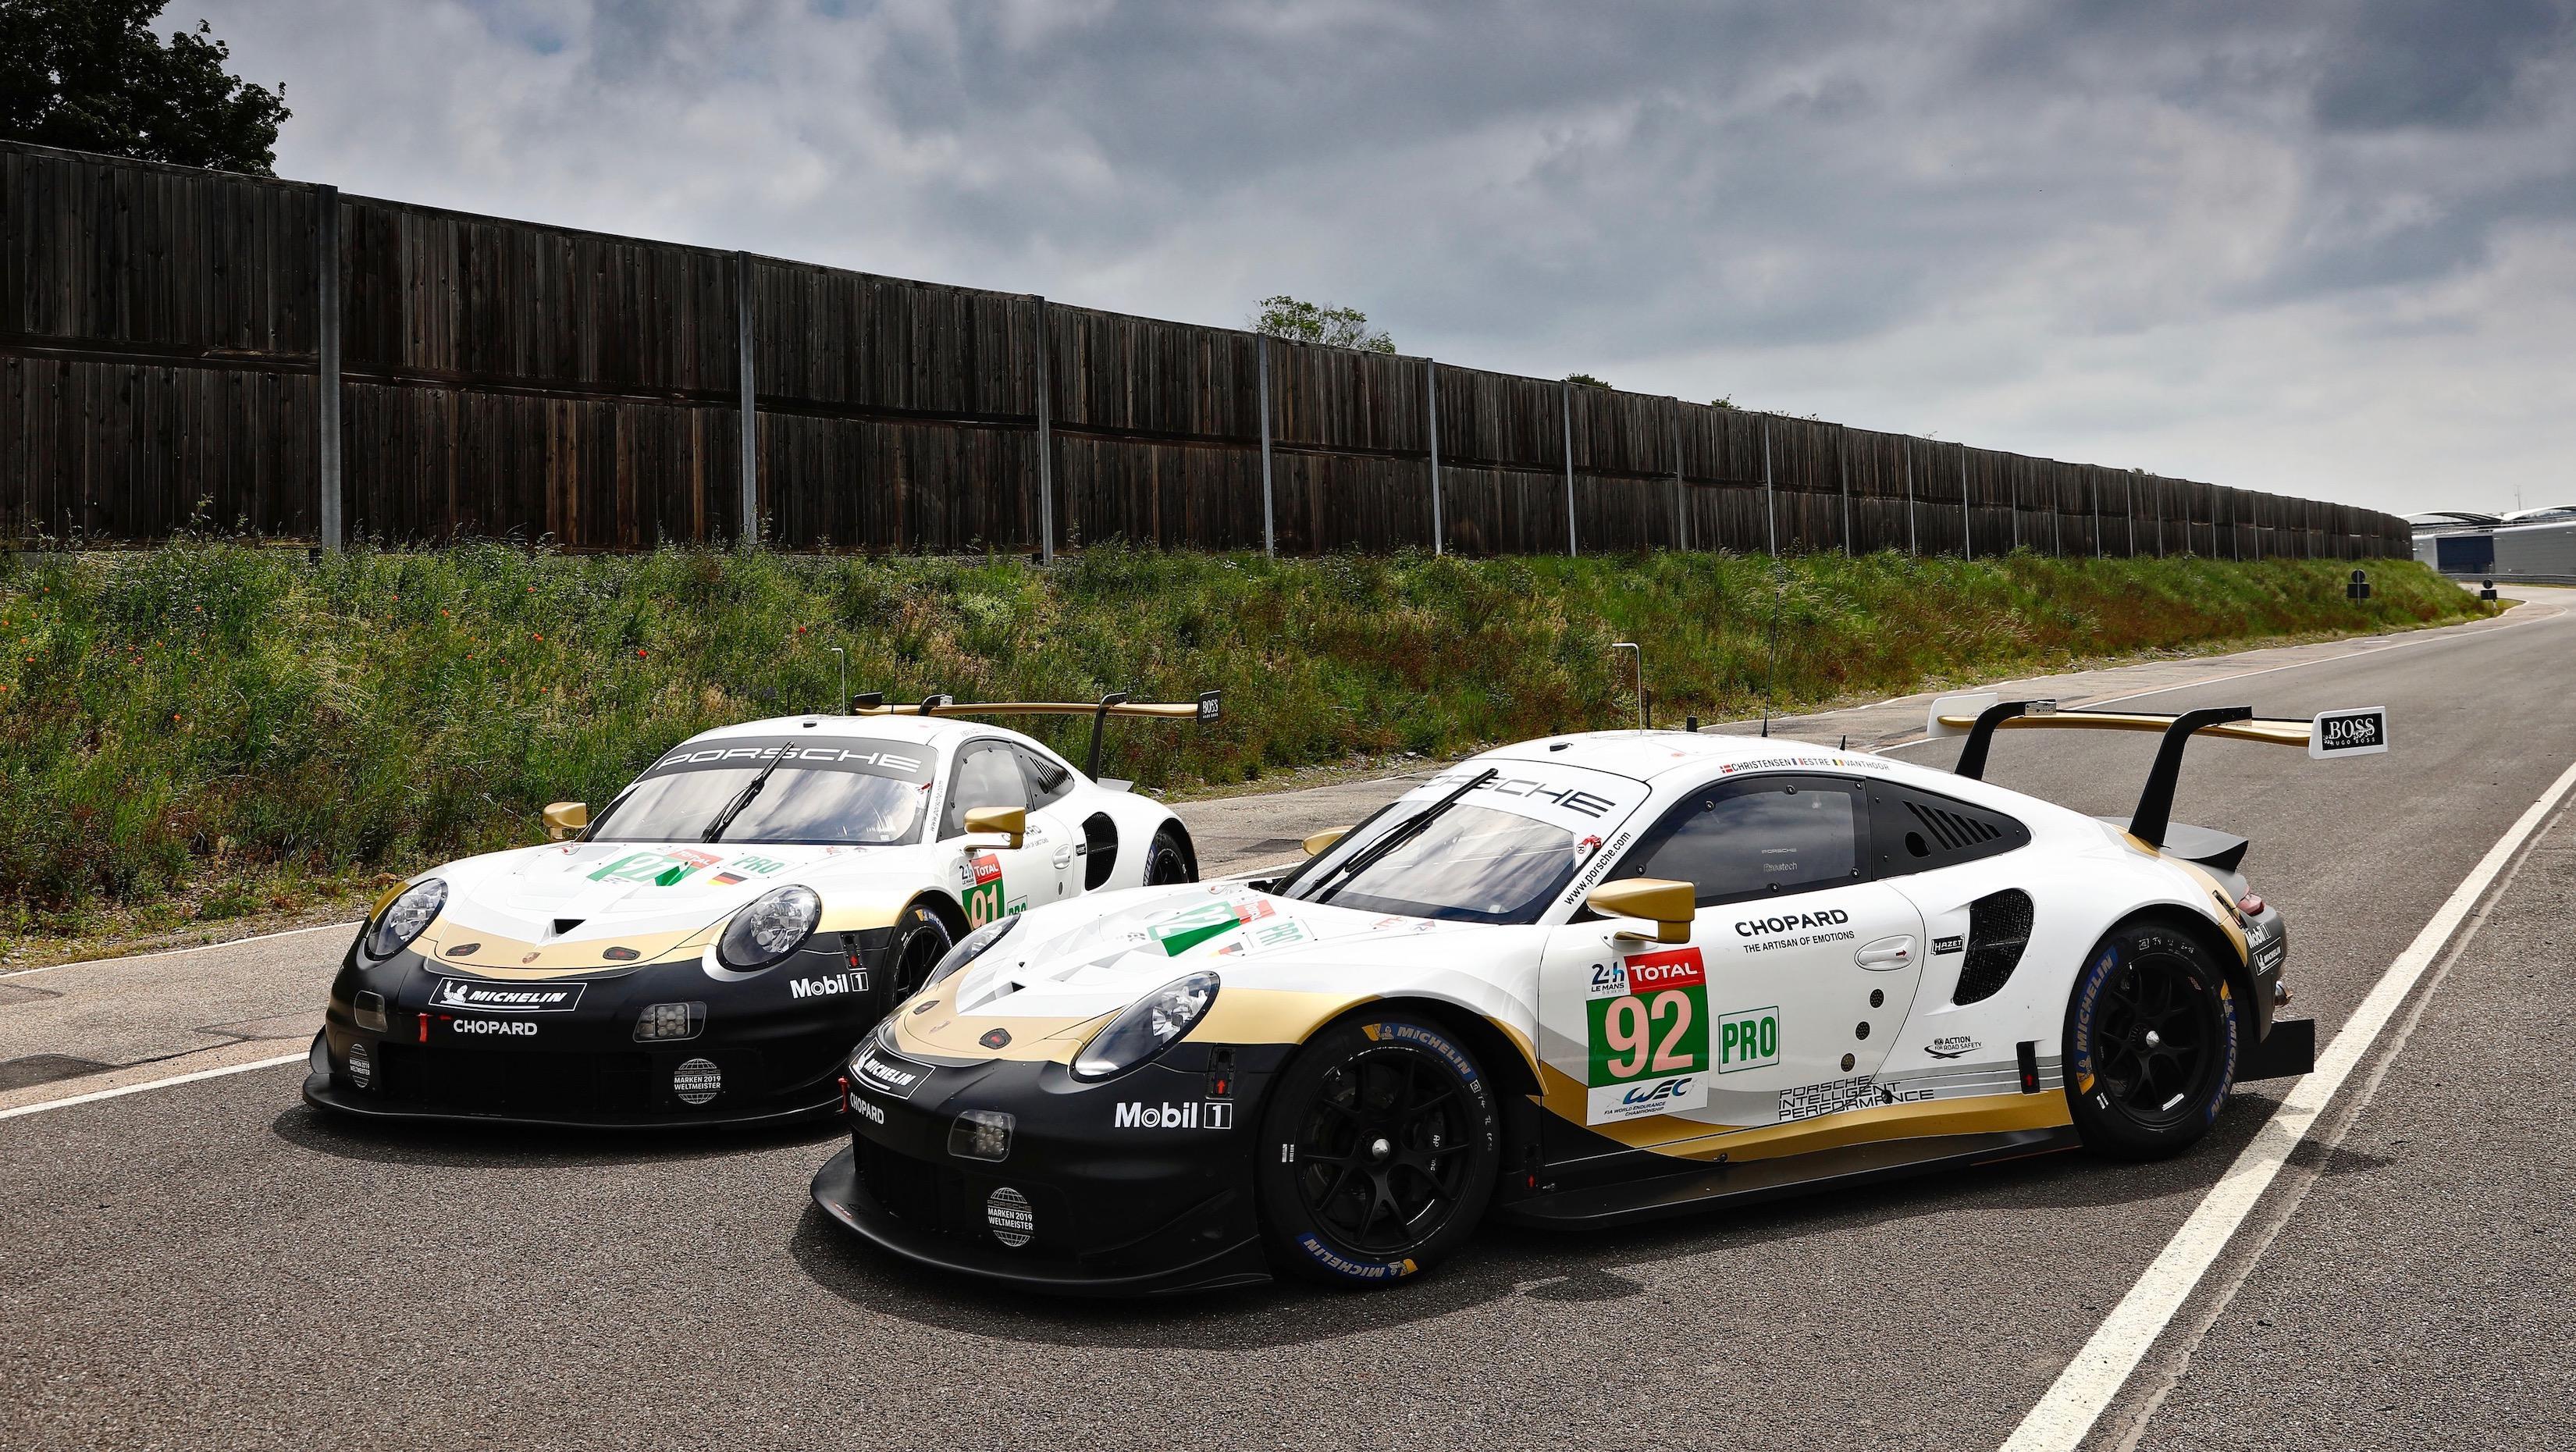 Svelate le livree GT delle 911 RSR per la 24 Ore più famosa<br /><br />